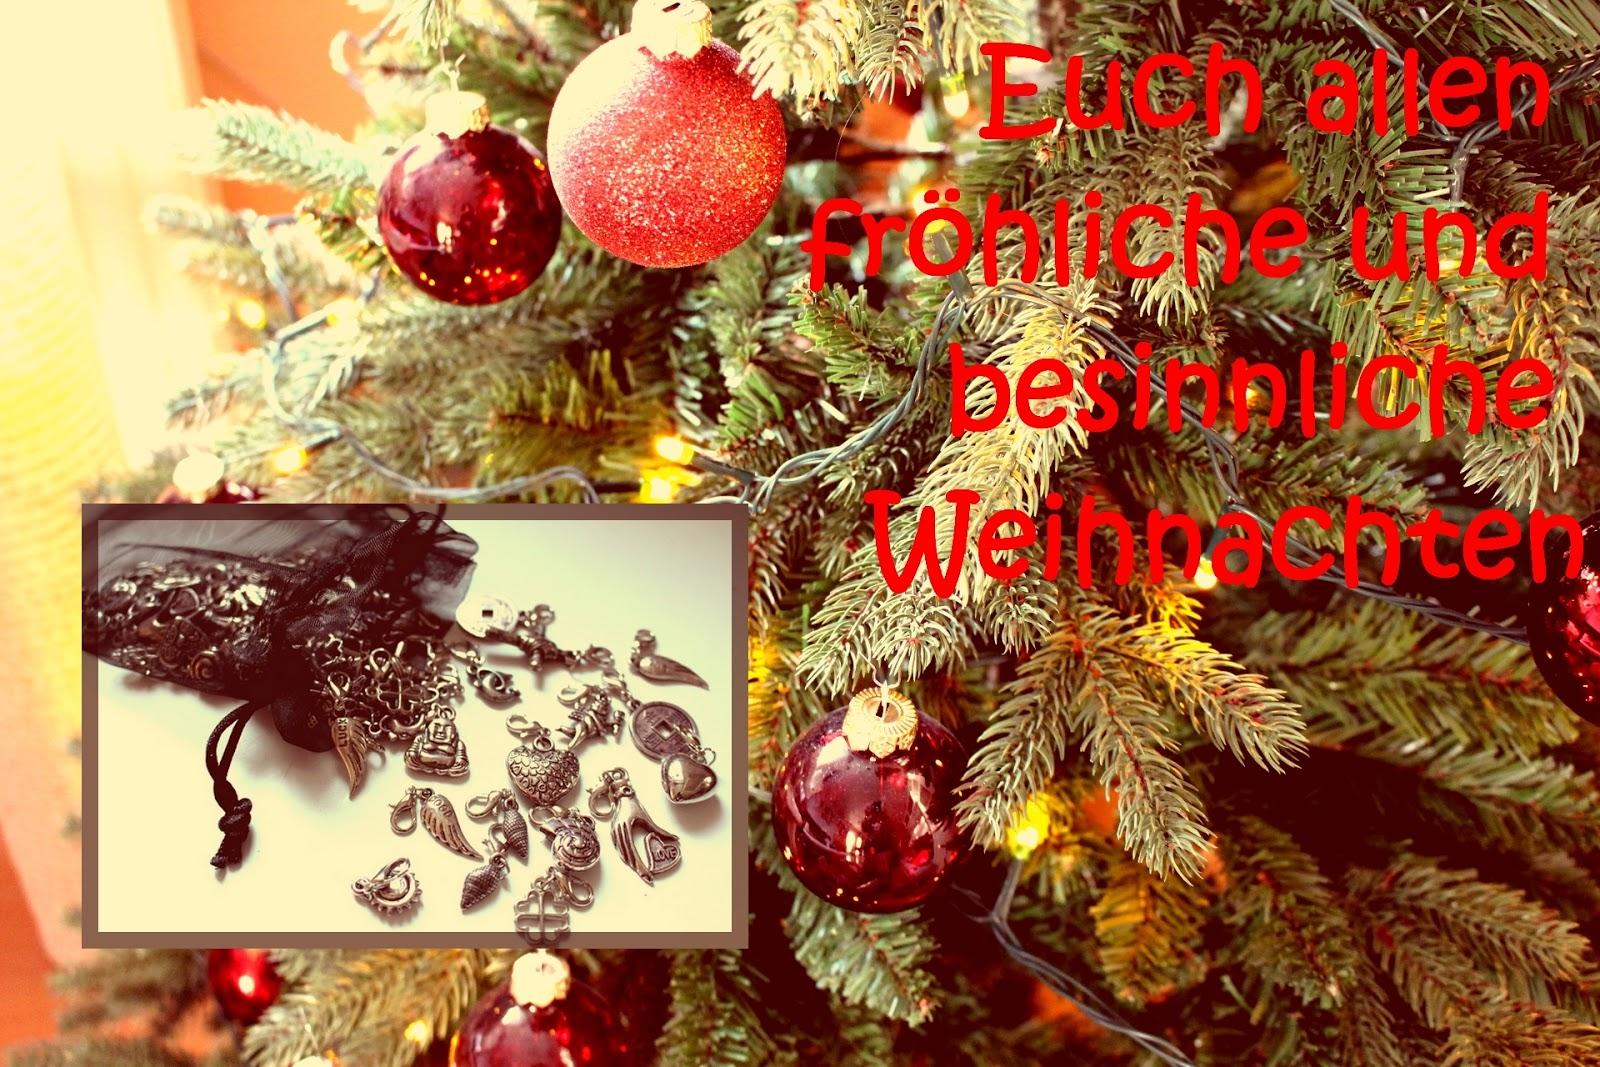 handgef rbtes von der regenbogenwolle fr hliche weihnachten. Black Bedroom Furniture Sets. Home Design Ideas